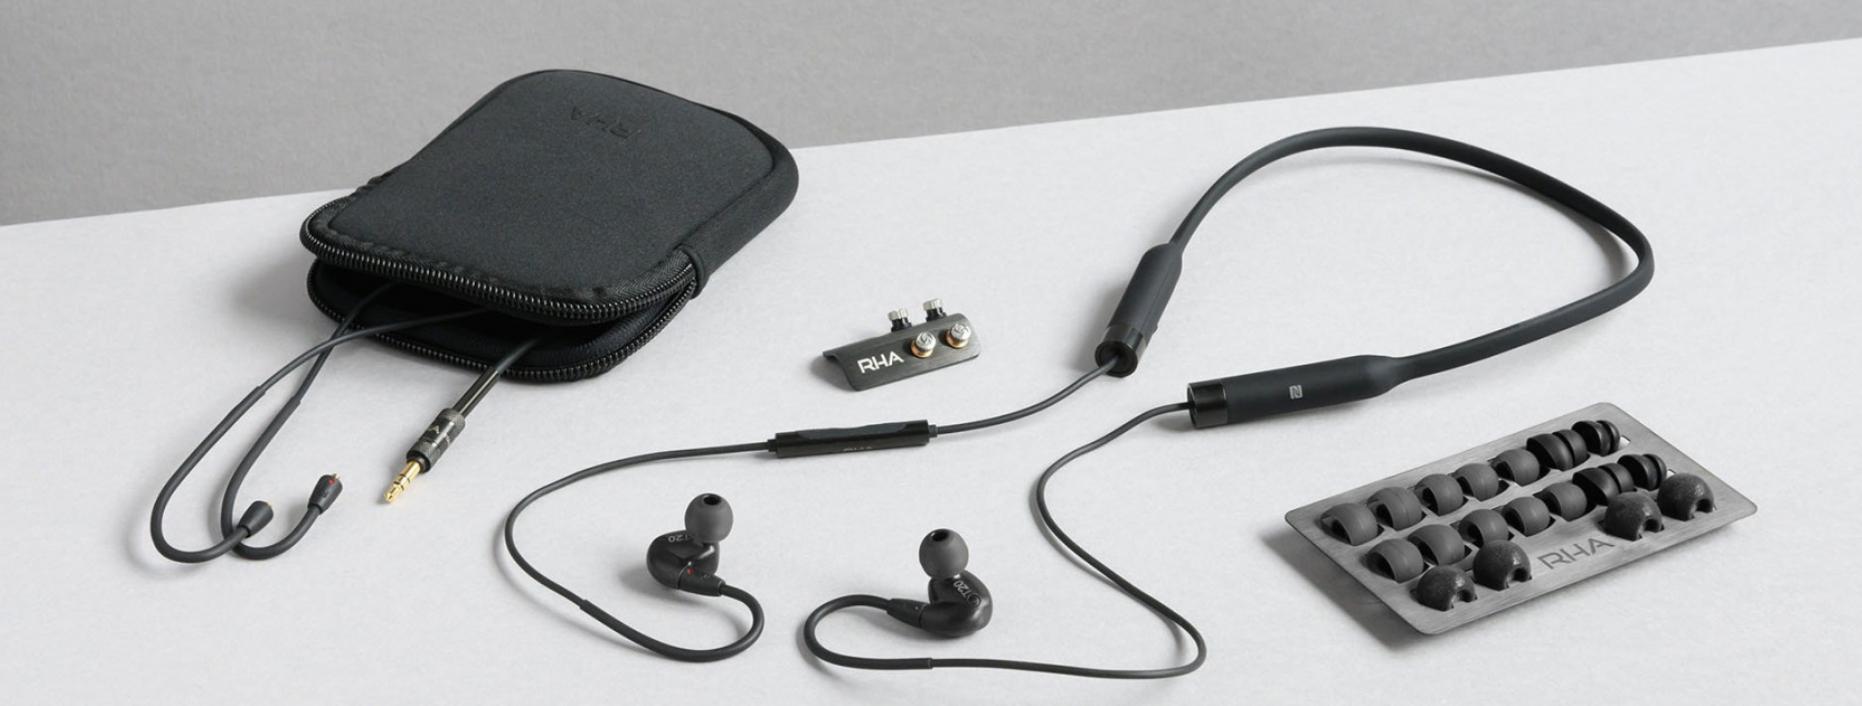 Tai Nghe RHA T20 Wireless mới, có độ trung thực cao với công nghệ DualCoil ™